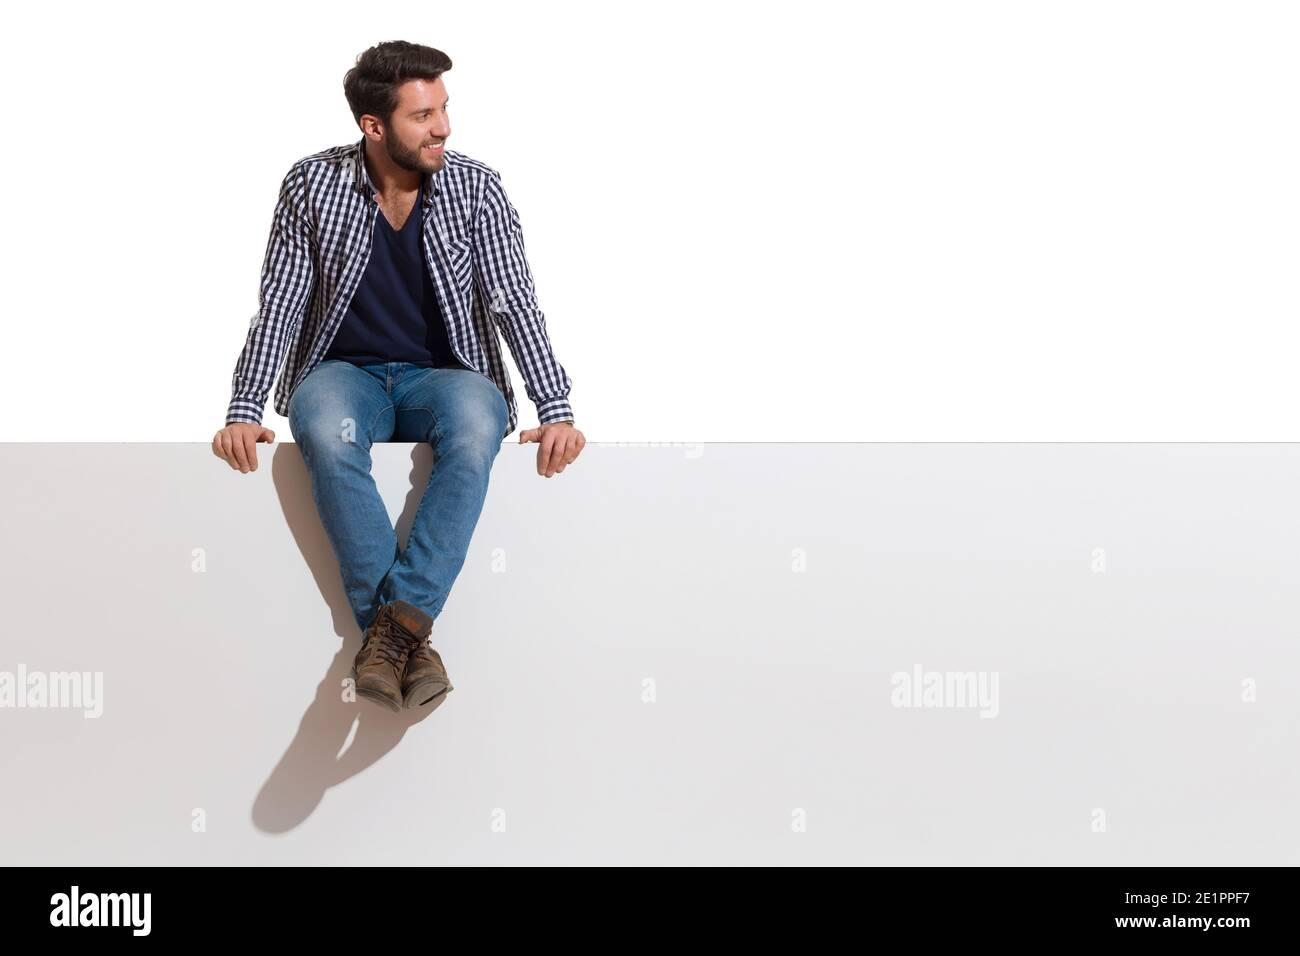 Beau jeune homme décontracté est assis sur un haut de bannière blanche avec les jambes croisées, souriant et regardant le côté. Prise de vue en studio sur toute la longueur isolée sur Banque D'Images